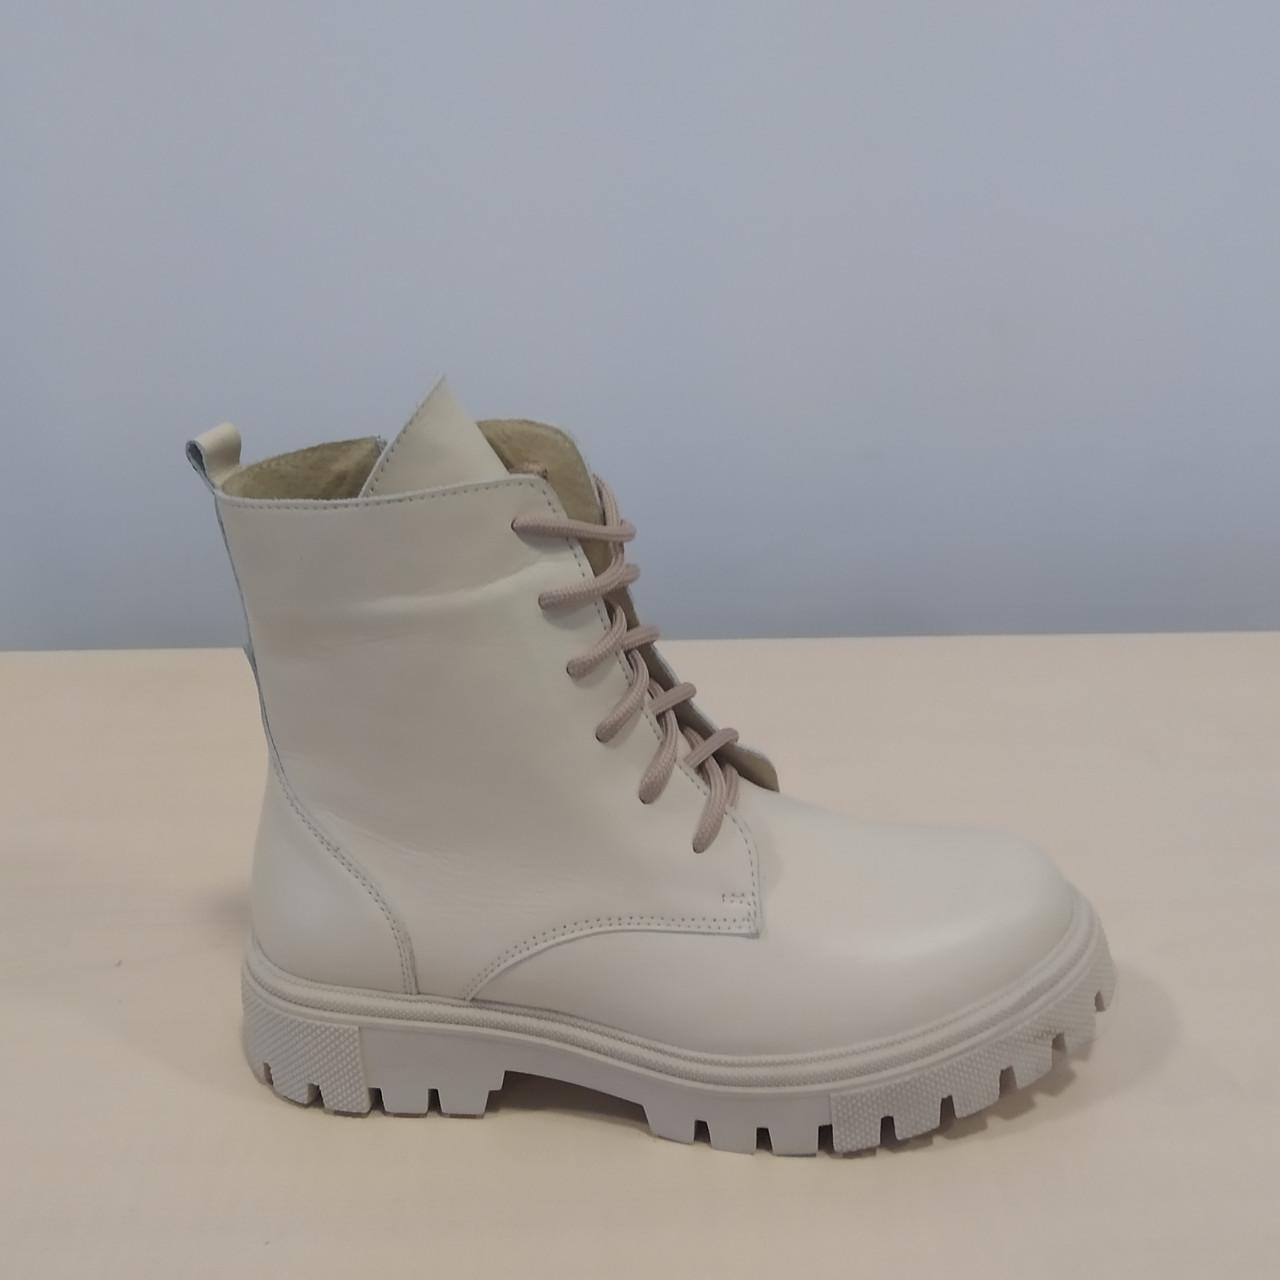 Ботинки женские кожаные бежевые на шнурках демисезонные